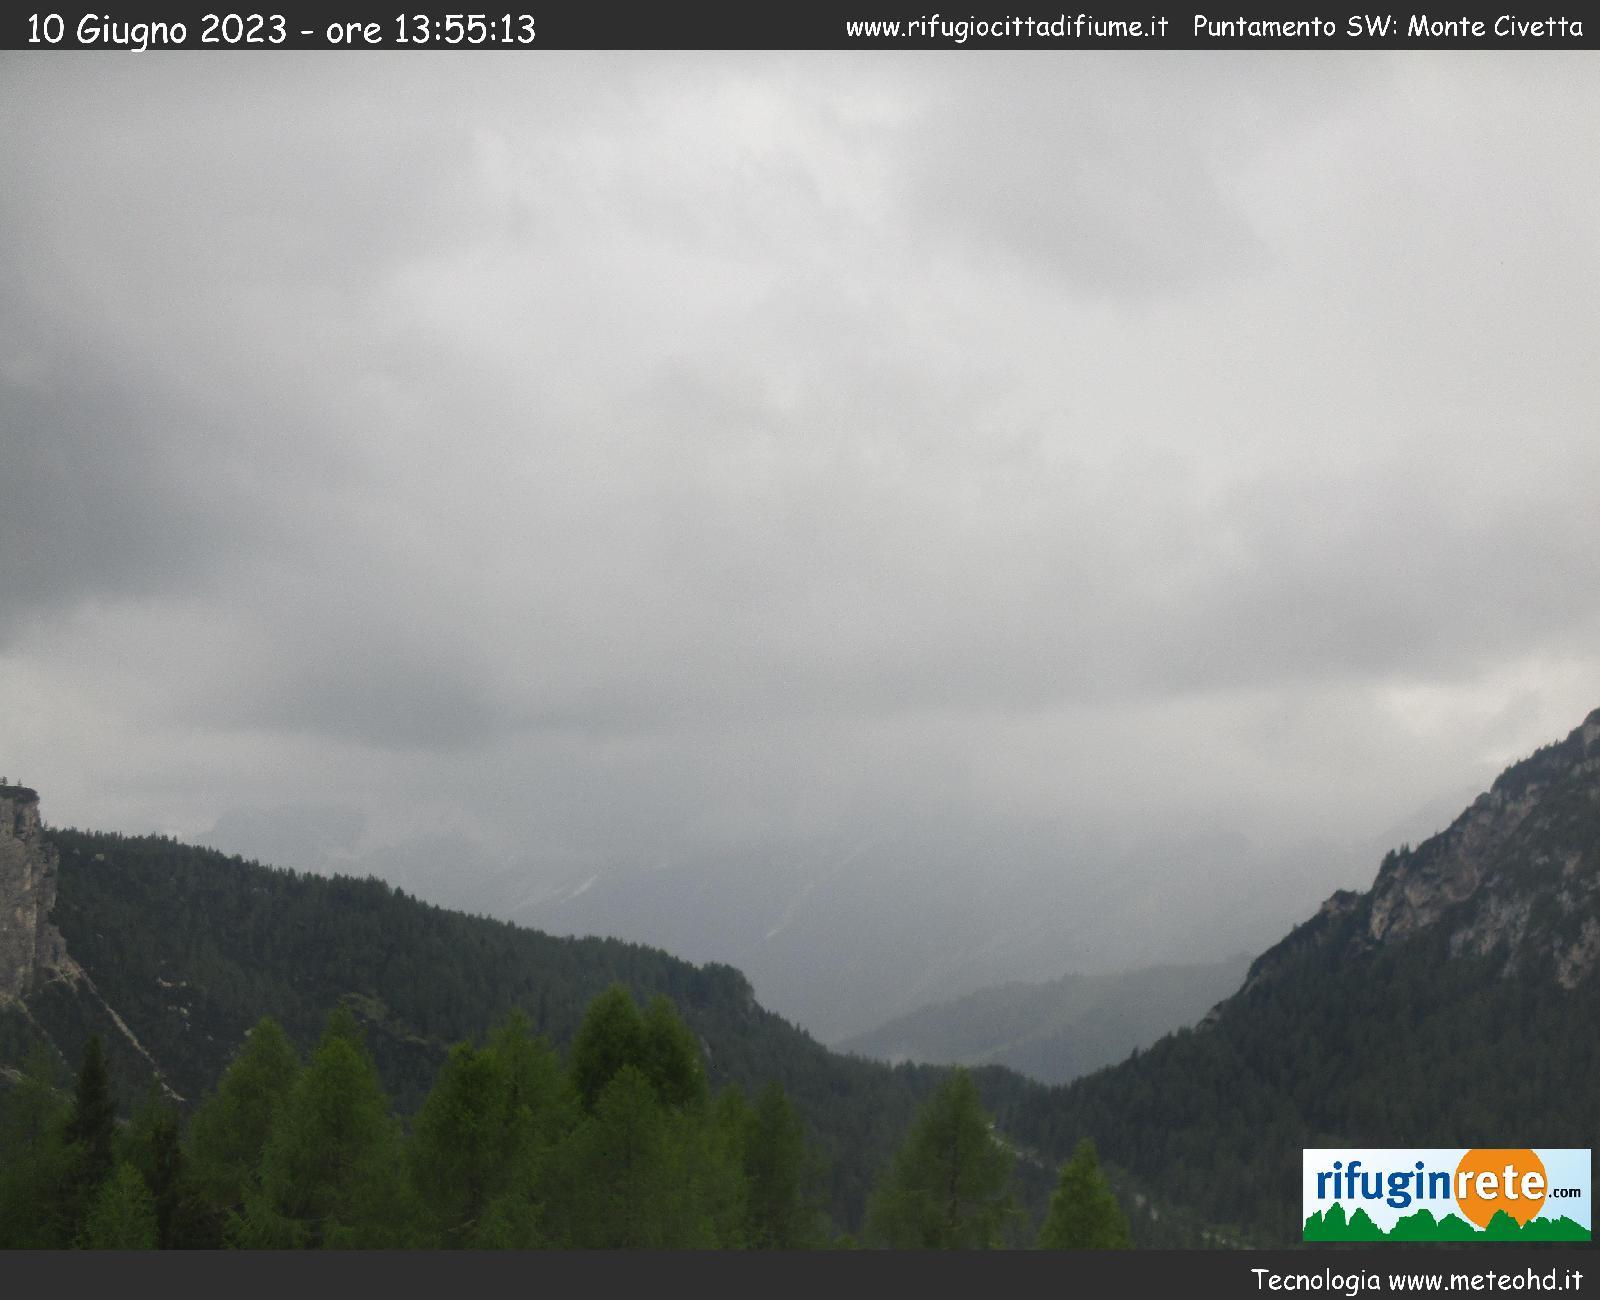 webcam Rifugio Città di Fiume - Borca di Cadore - vista del Monte Civetta